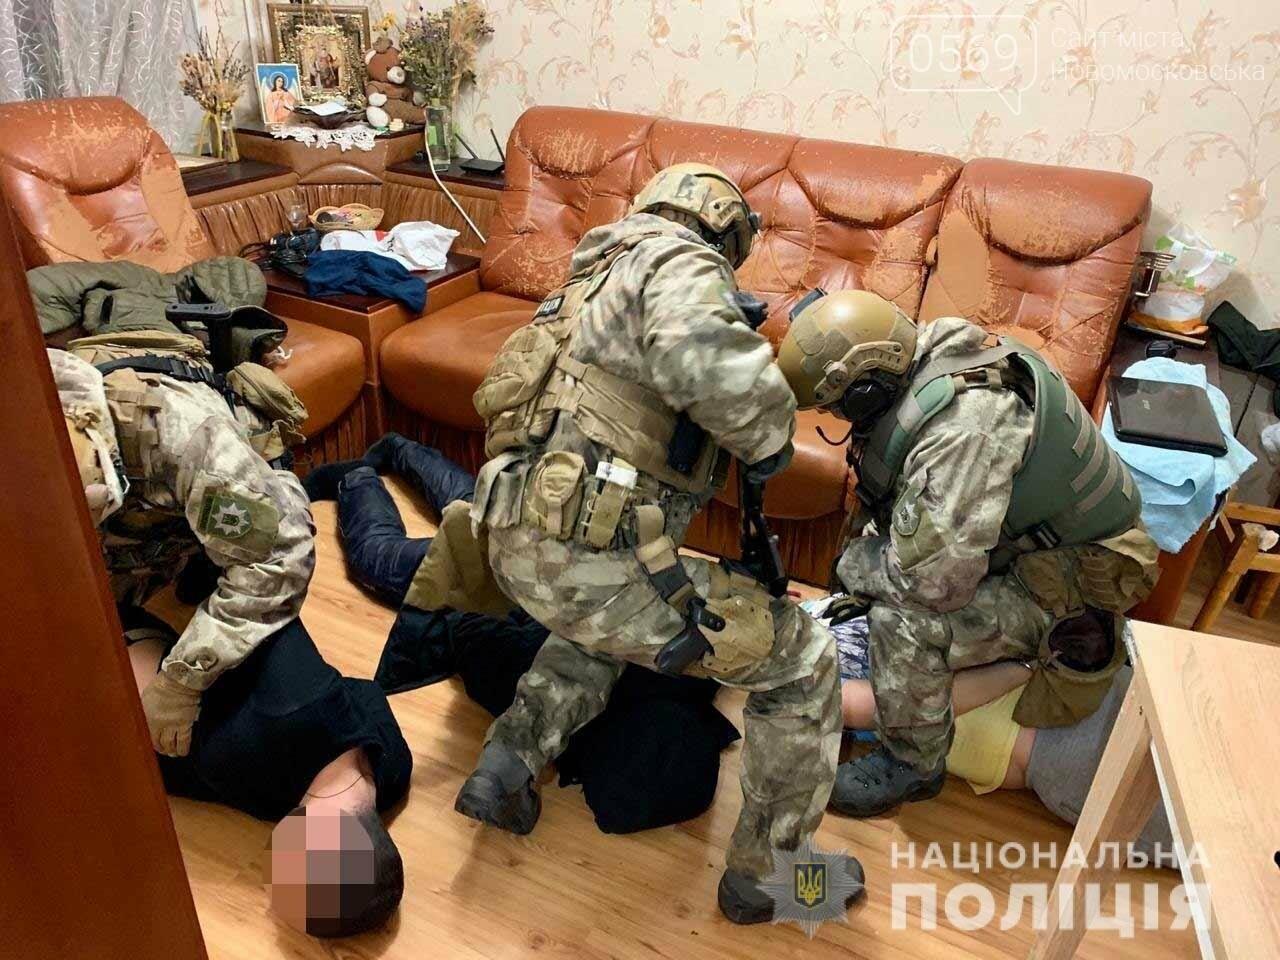 У Дніпрі поліцейські затримали злочинну групу, члени якої скоїли смертельне ДТП та підозрюються у серії особливо тяжких злочинів , фото-1